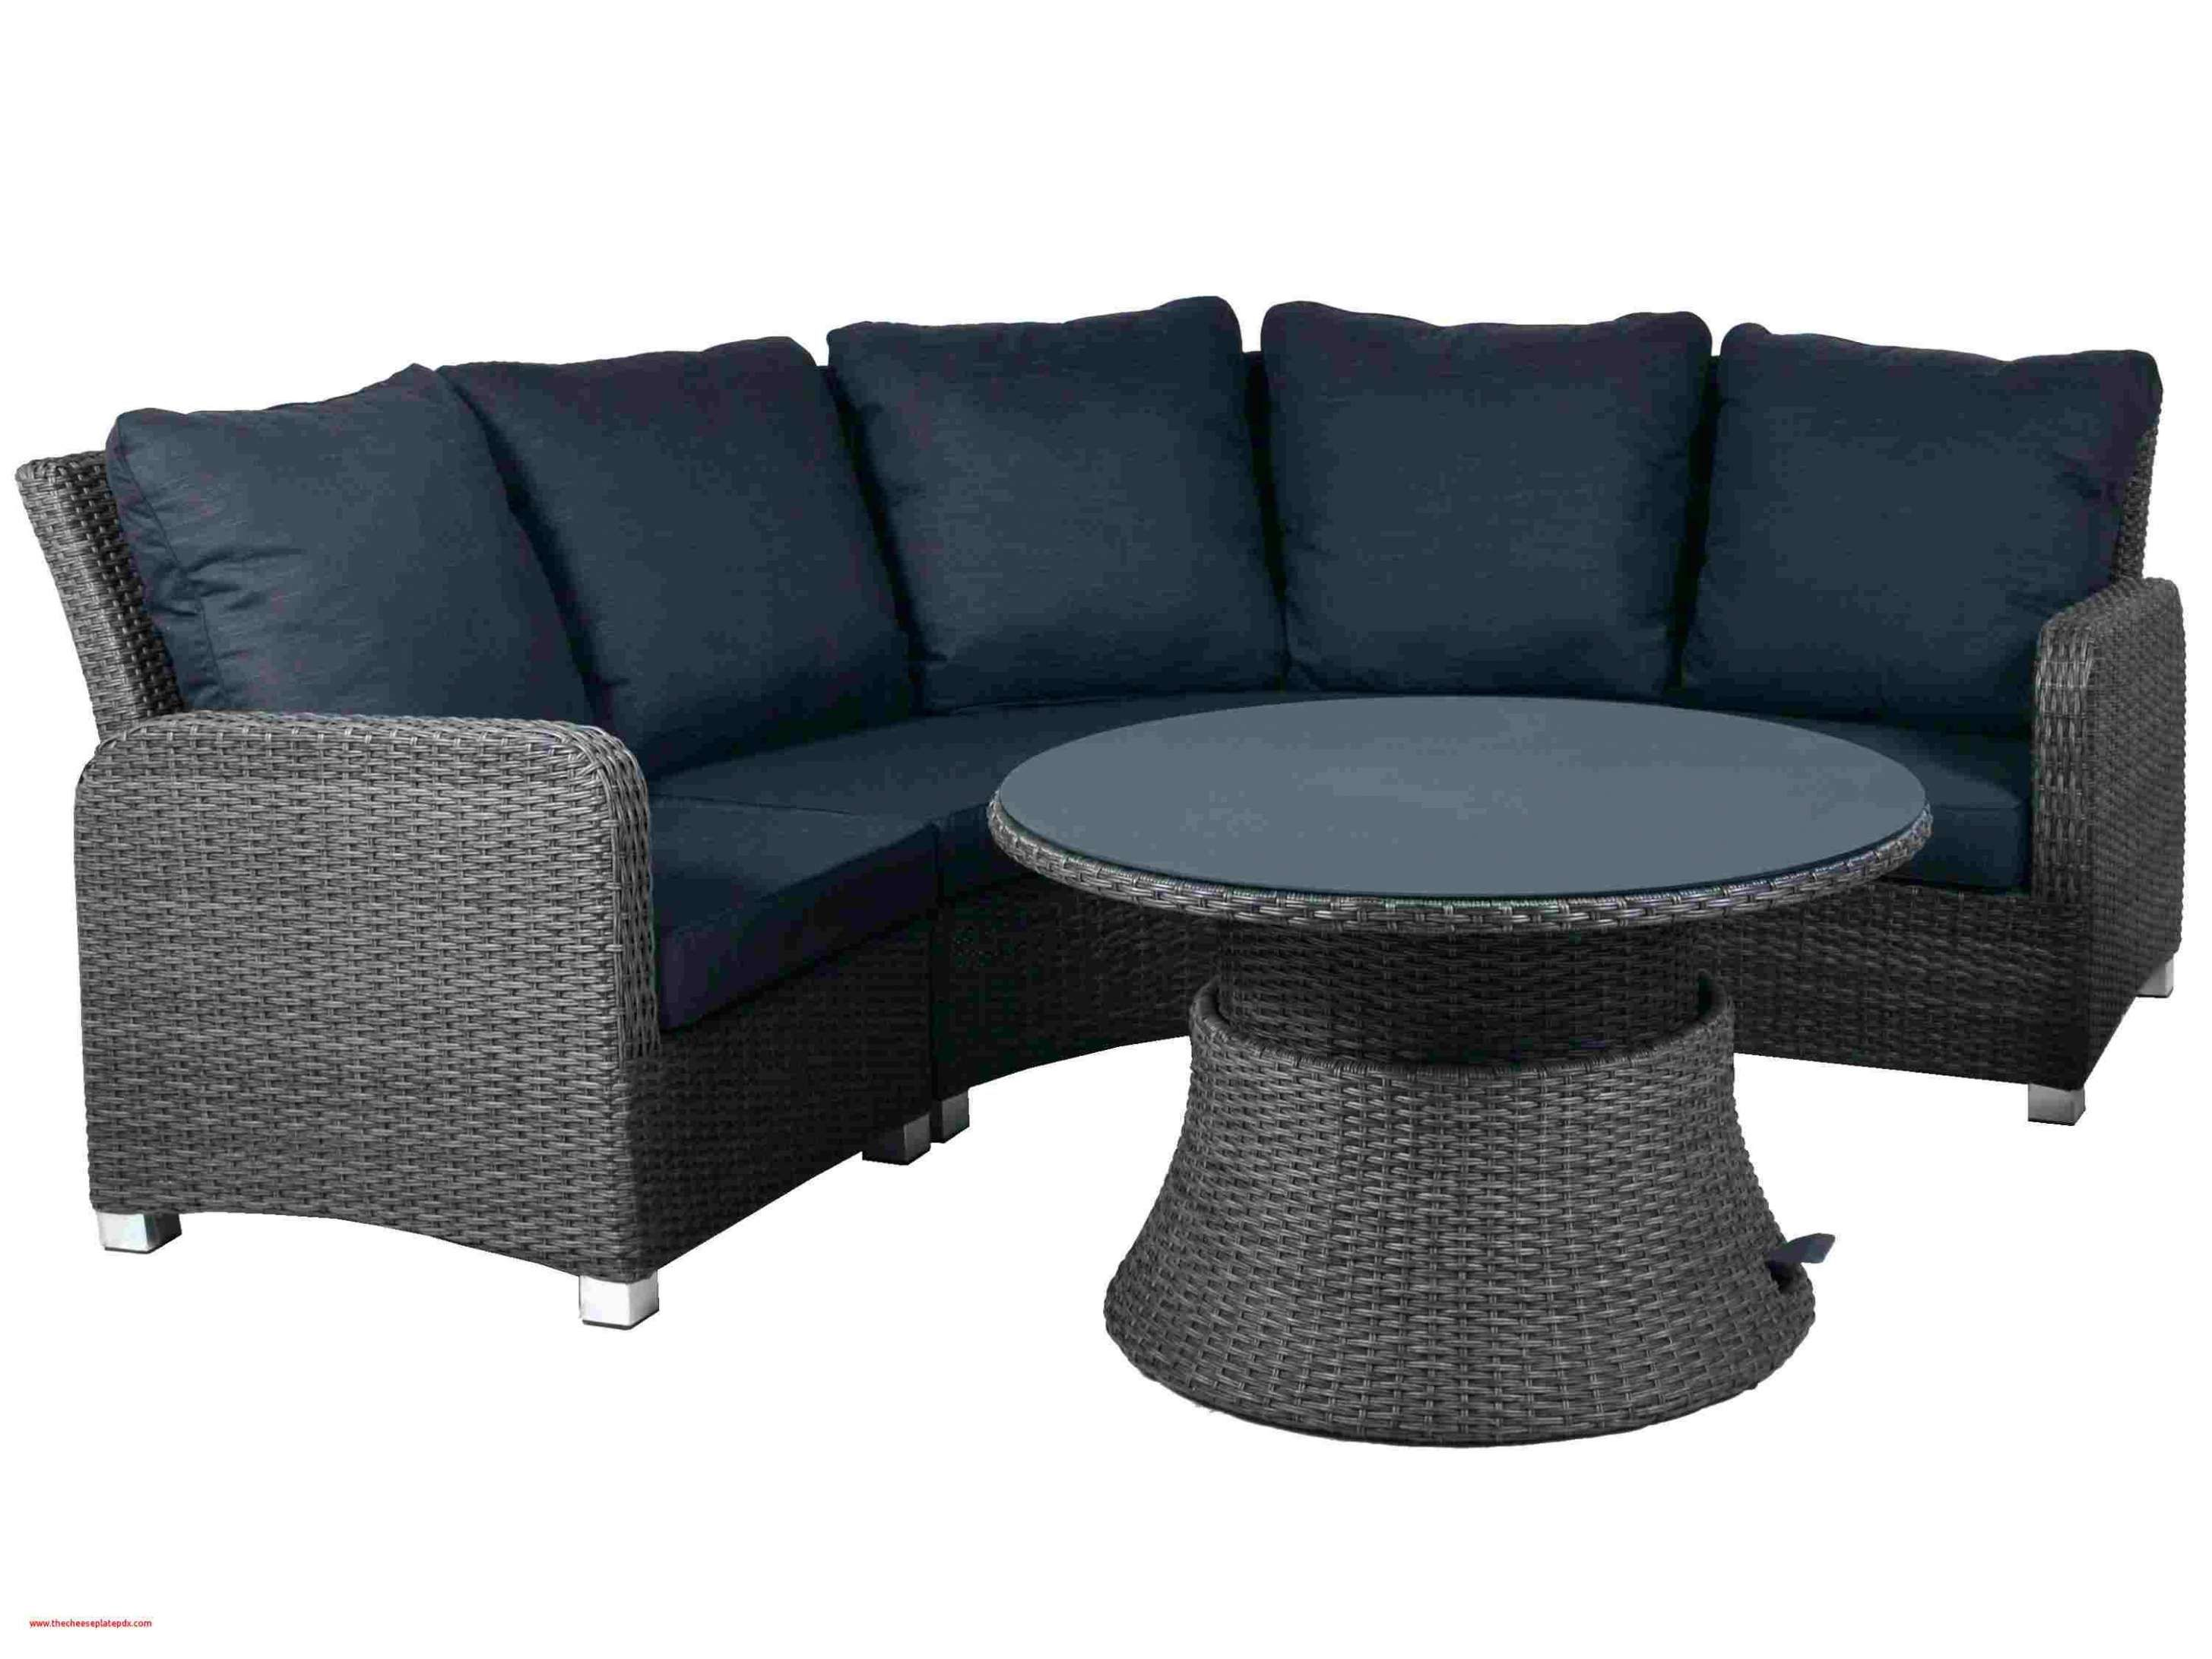 Stretchy Sofabezug Reduziert Chicgadgets De In 2020 Ecksofas Couch Decken Barbie Haus Mobel